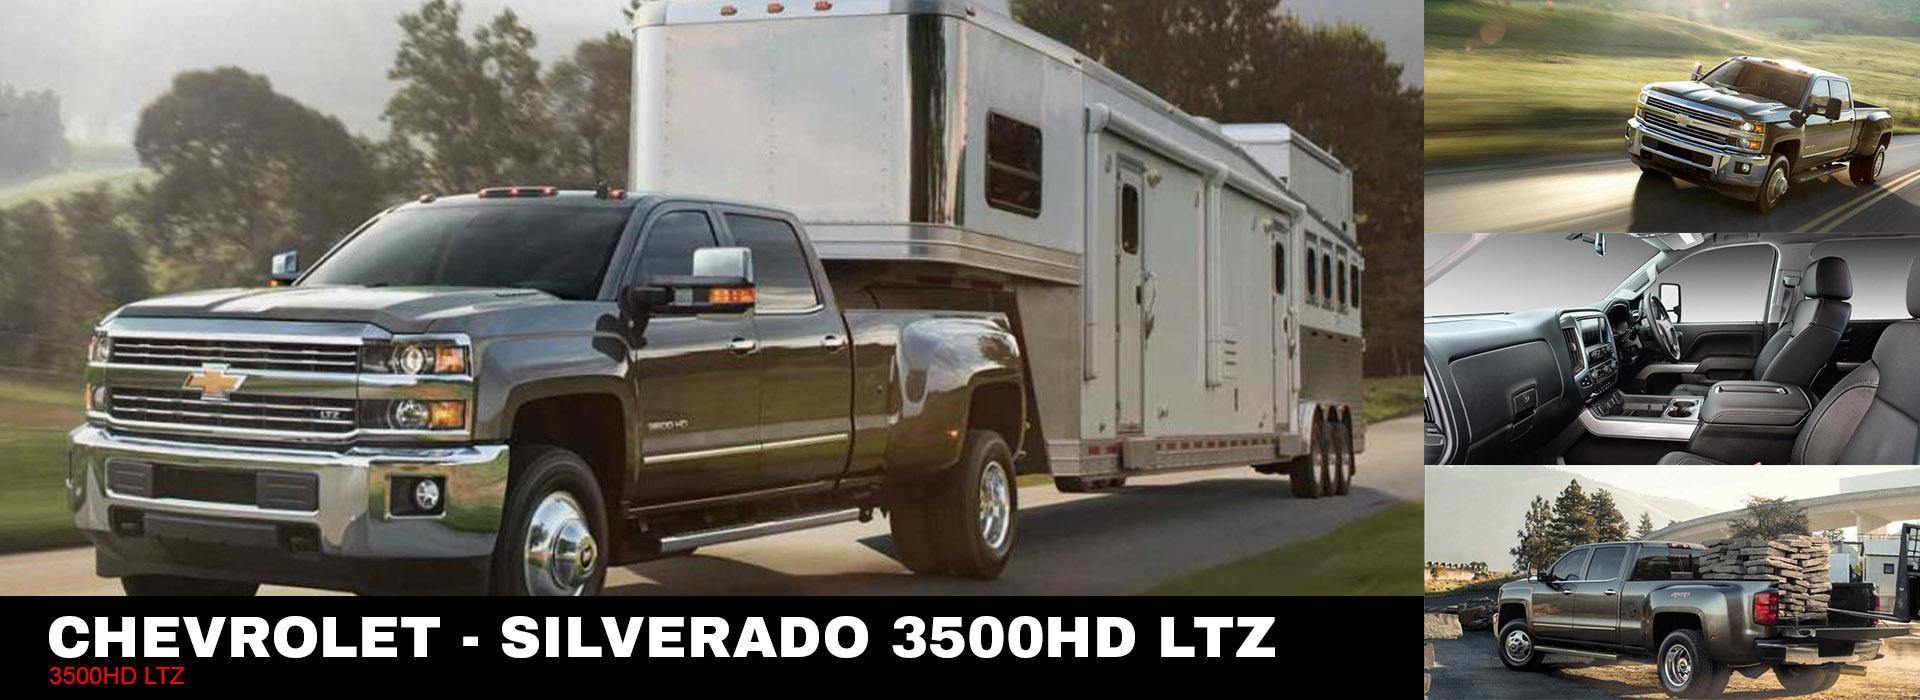 Chevrolet Silverado Trucks for sale